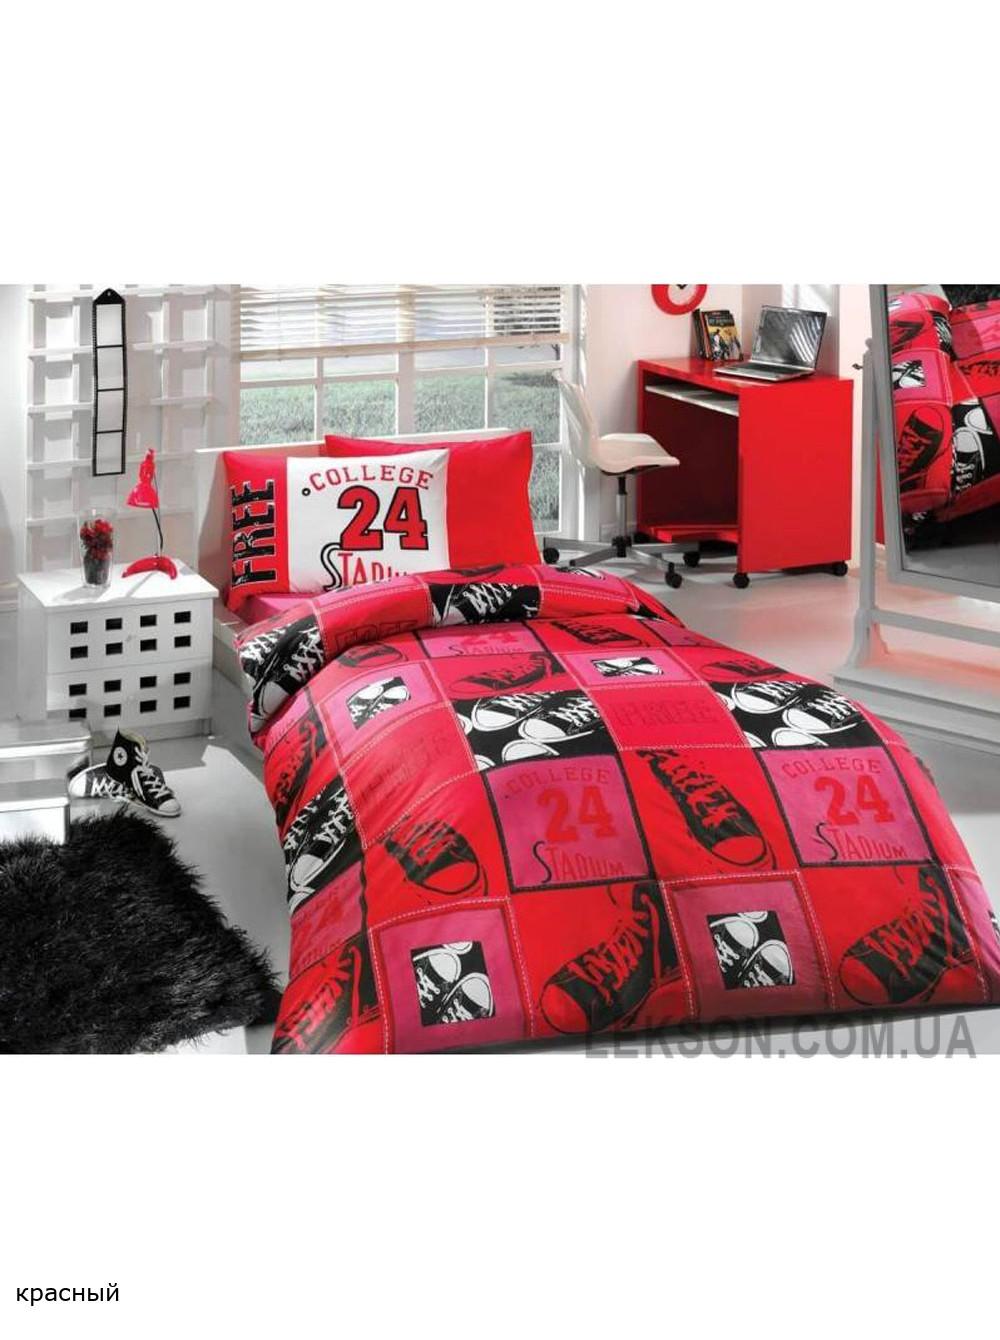 Комплект постельного белья HOBBY ранфорс College №1376